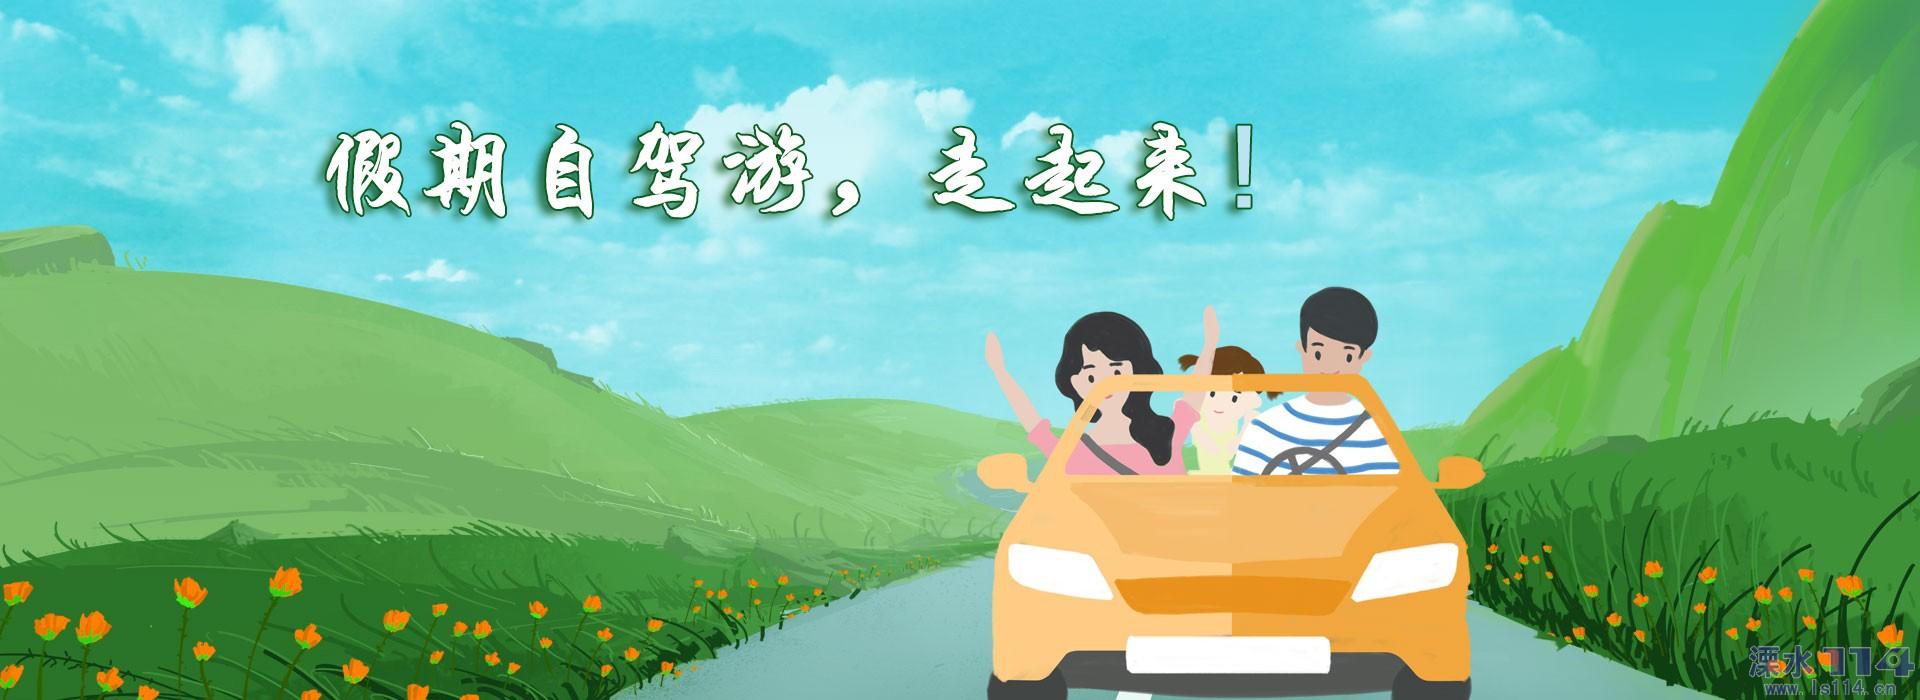 千库网_暑假自驾游公路一家人背景_背景编号5569307.jpg